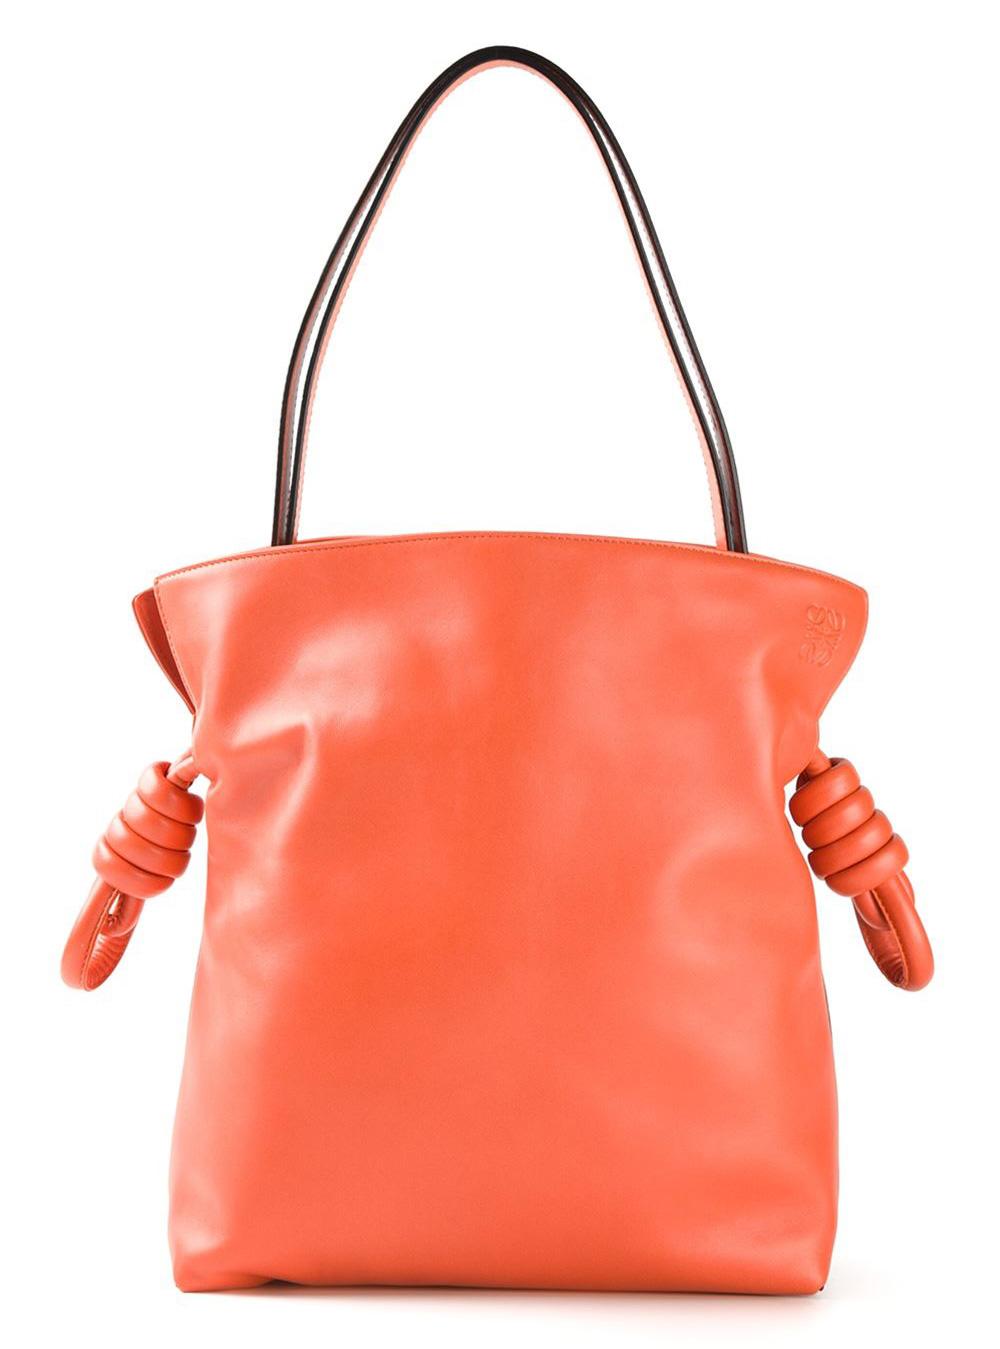 loewe-flamenco-bag